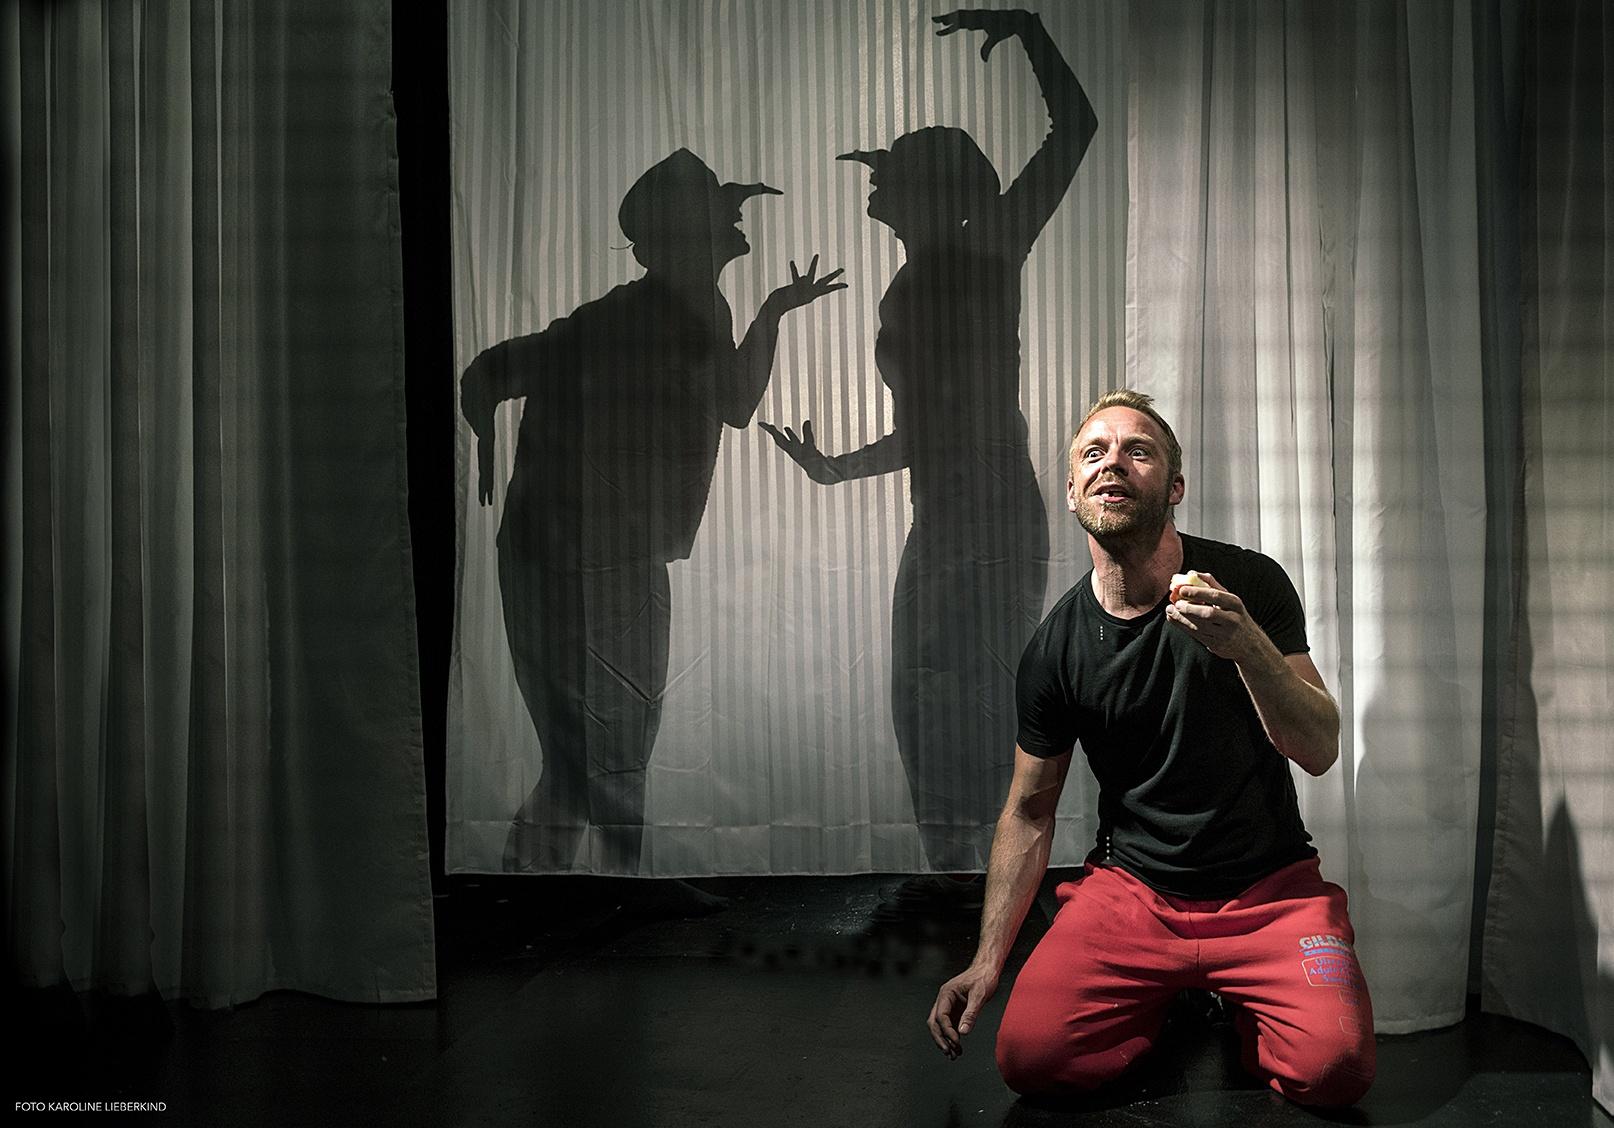 Anmeldelse: Kort over glemte forbindelser, Teater Får302 (Teater Legio)